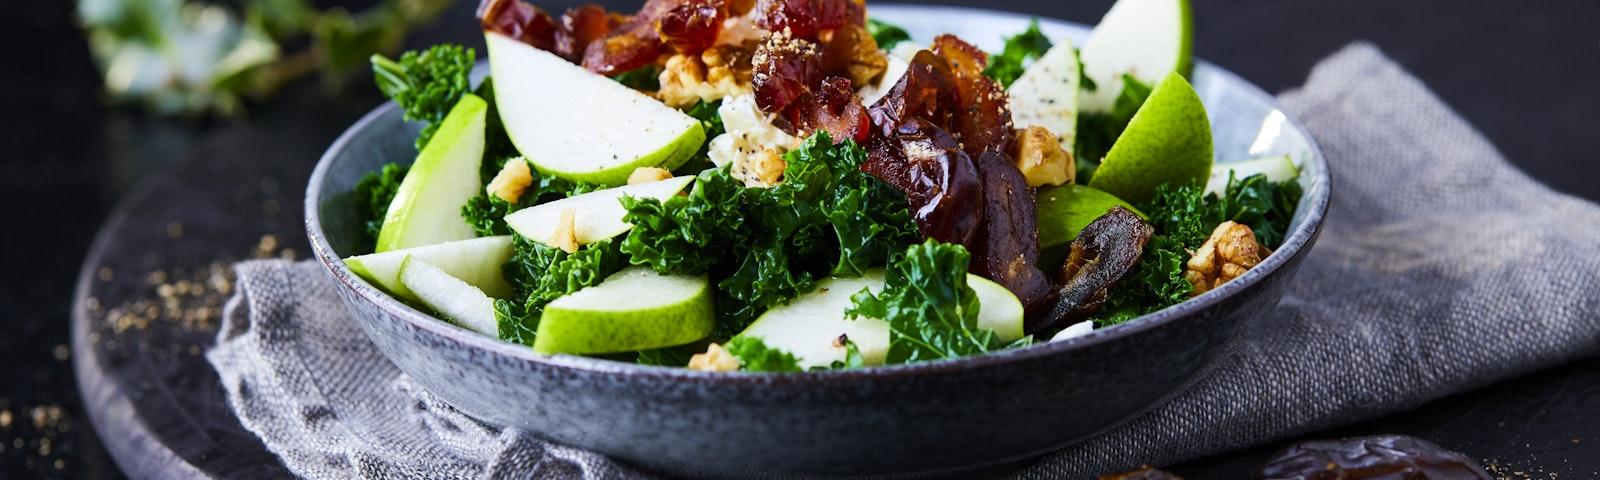 Grünkohl Salat mit Datteln und Birnen